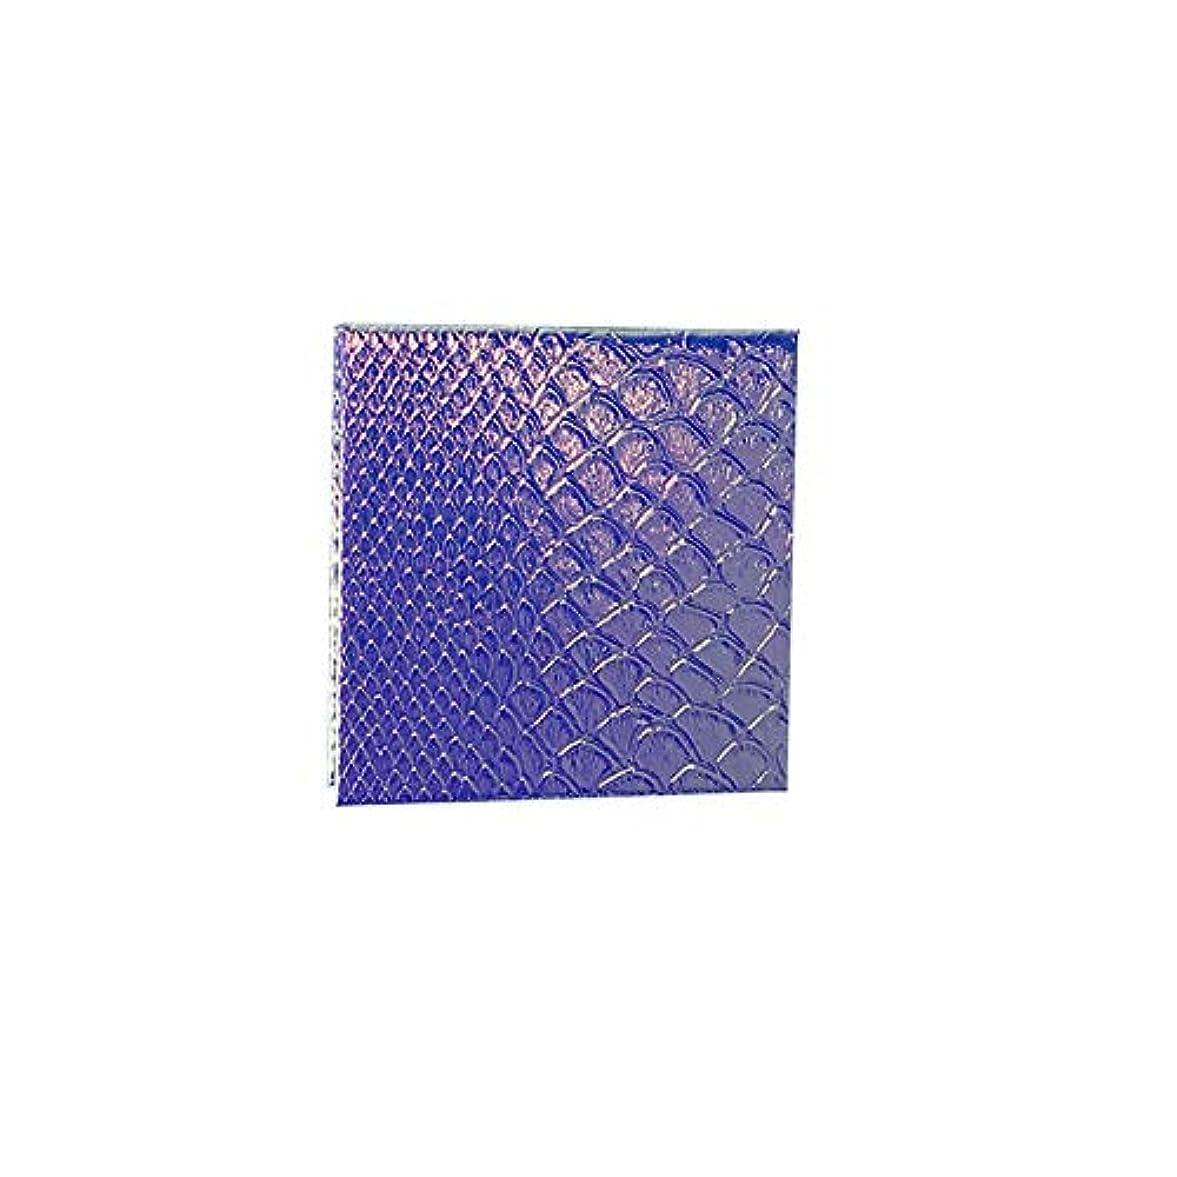 ポップ星数学的な空の化粧アイシャドーパレット磁気空パレット接着剤空のパレット金属ステッカー空のパレットキット(S)